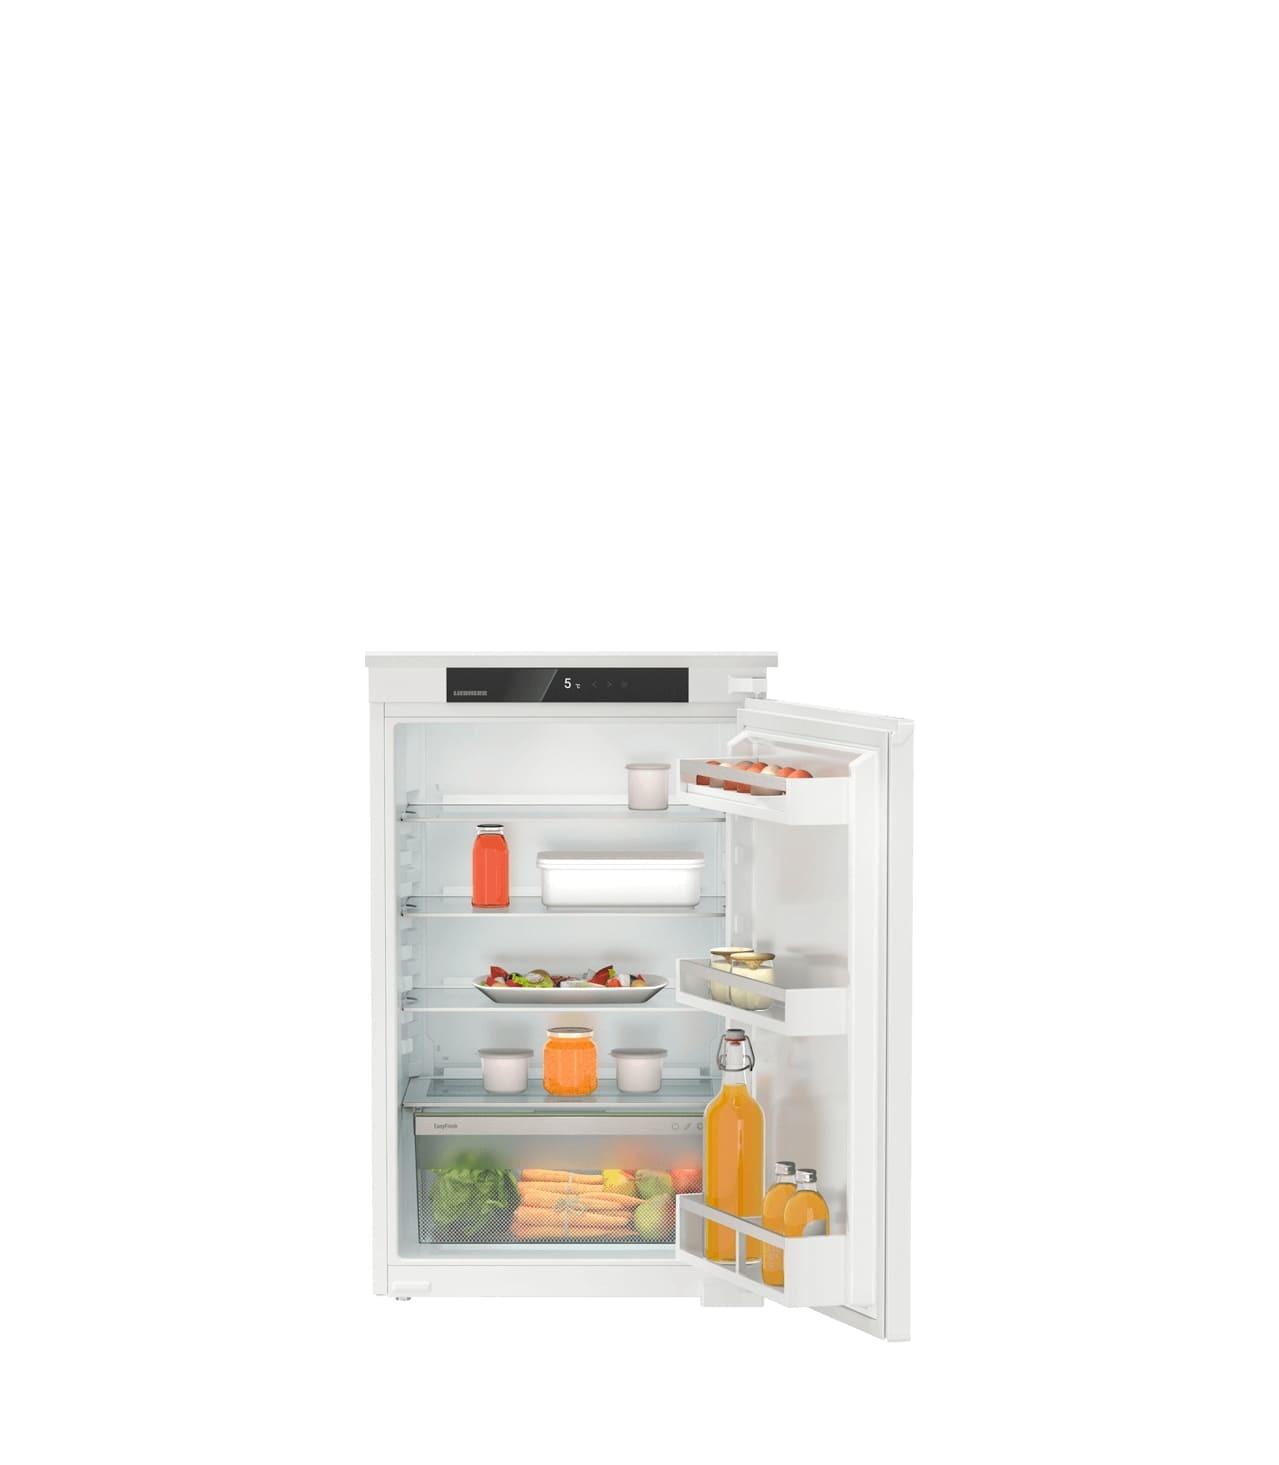 Liebherr IRSf 3900-20 Inbouw koelkast Wit